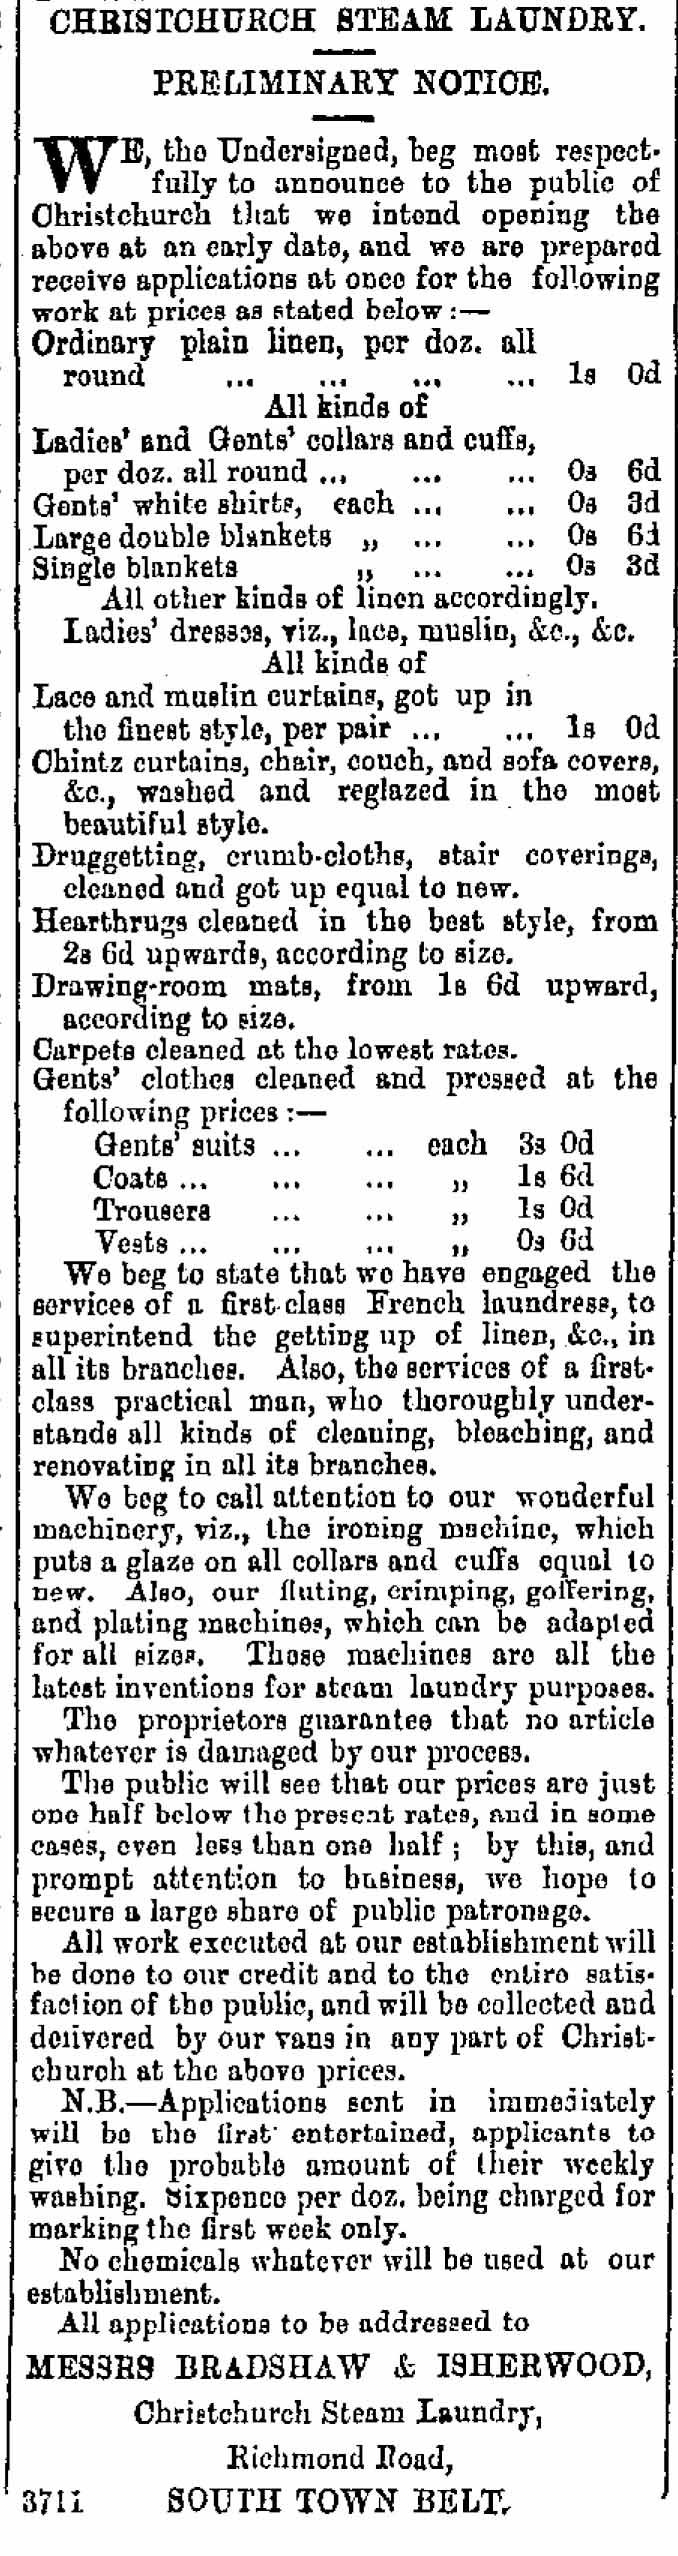 Figure 6. Christchurch Steam Laundry advertisement. 1880 (Star 24/8/1880: 2).